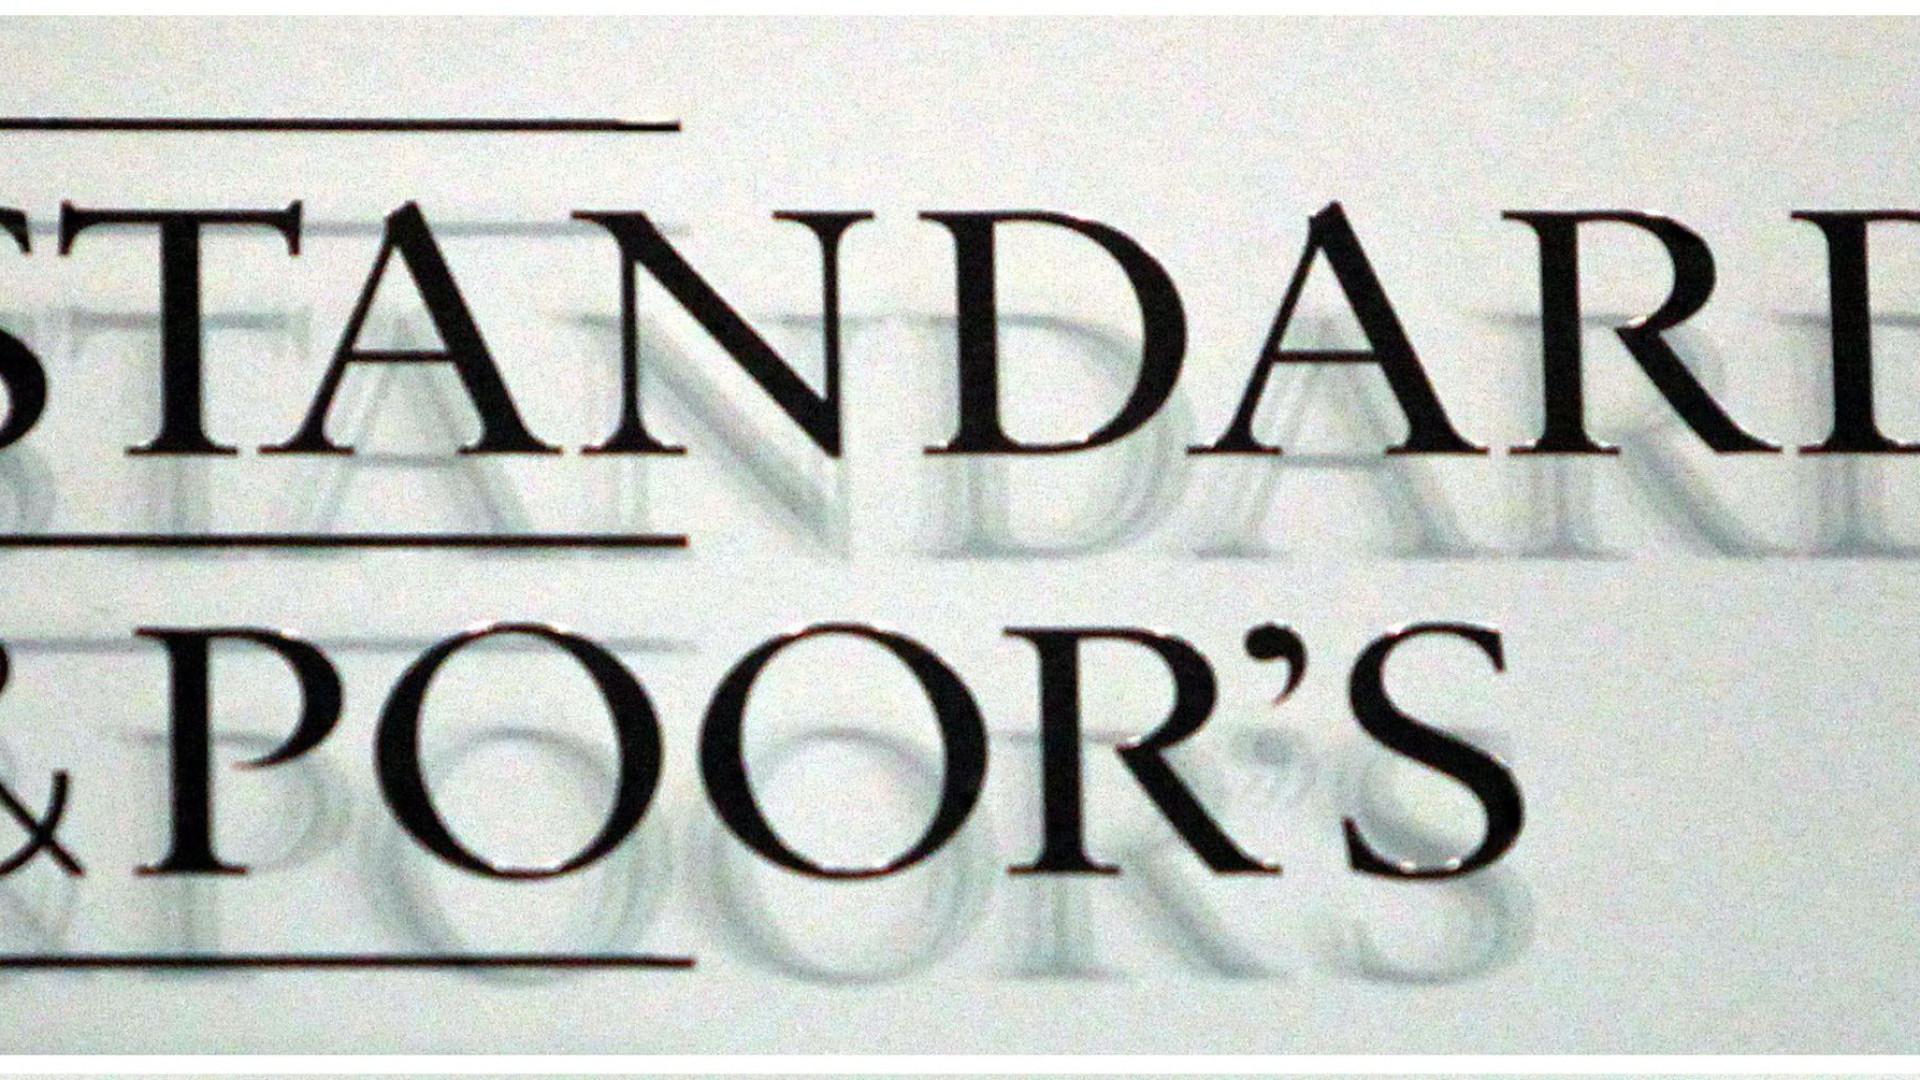 Standard & Poor's mantém 'rating' de Angola em B-